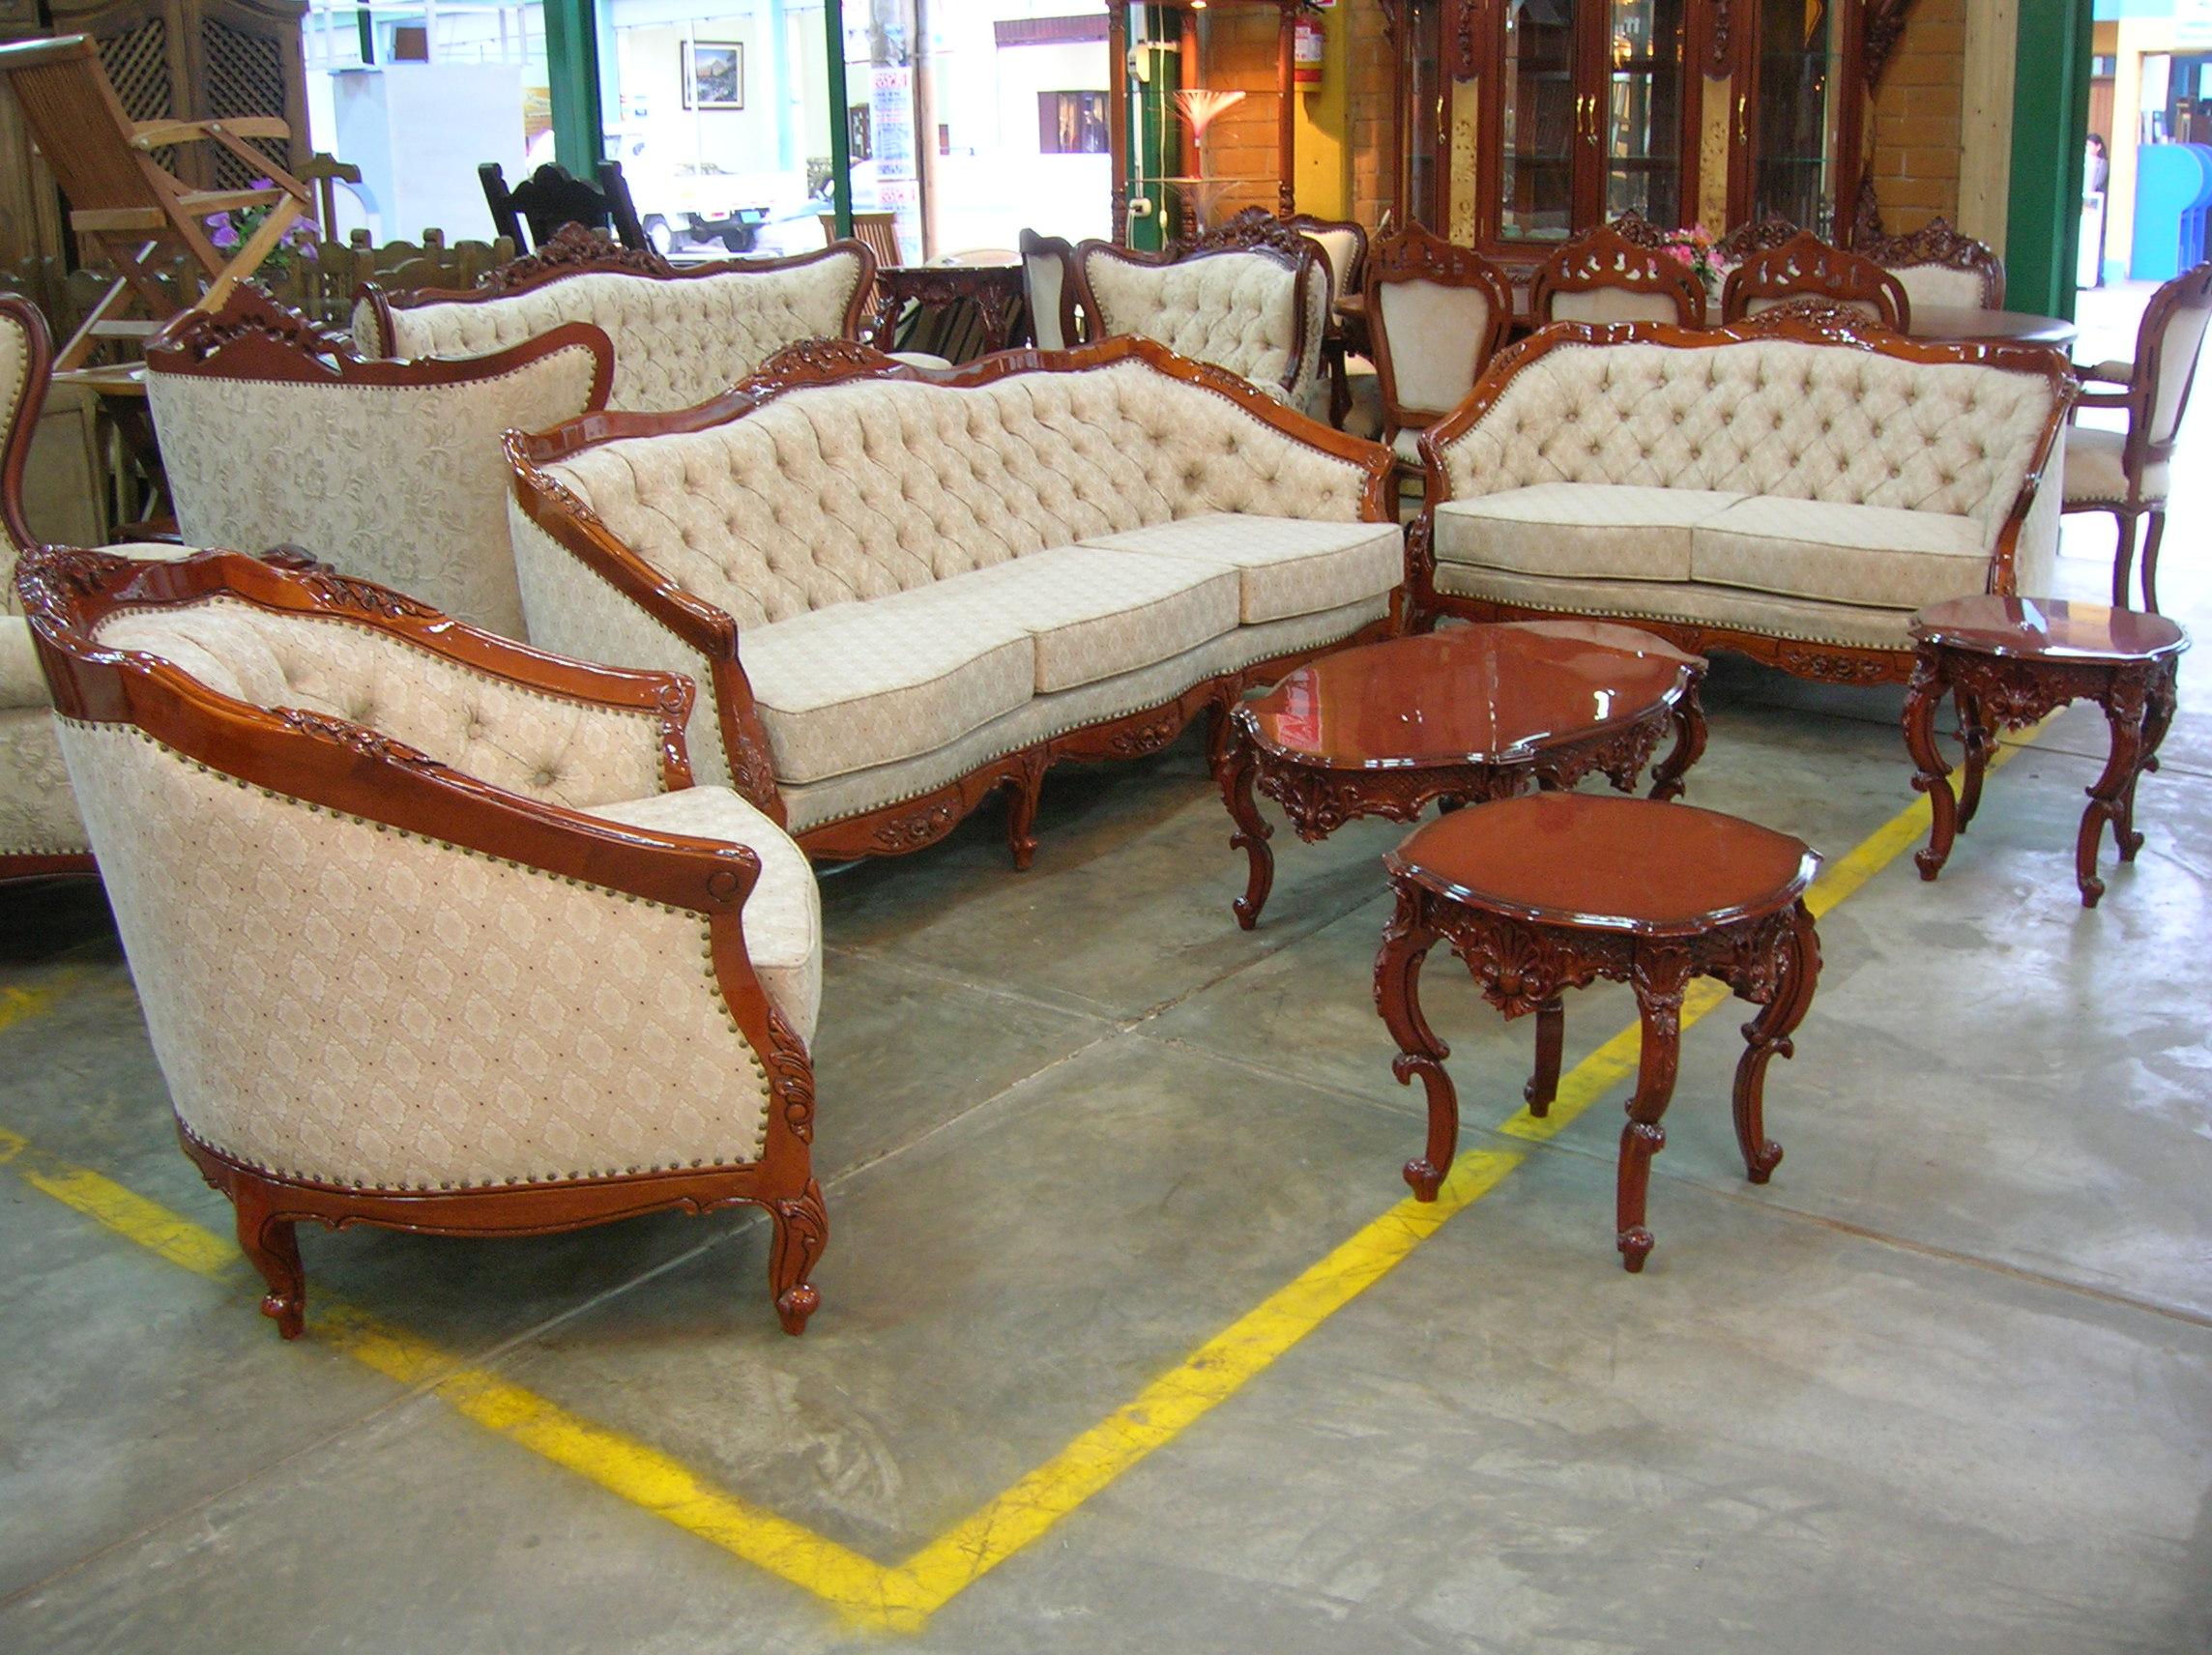 Muebles tallados anuncio olx for Muebles de sala en oferta lima peru